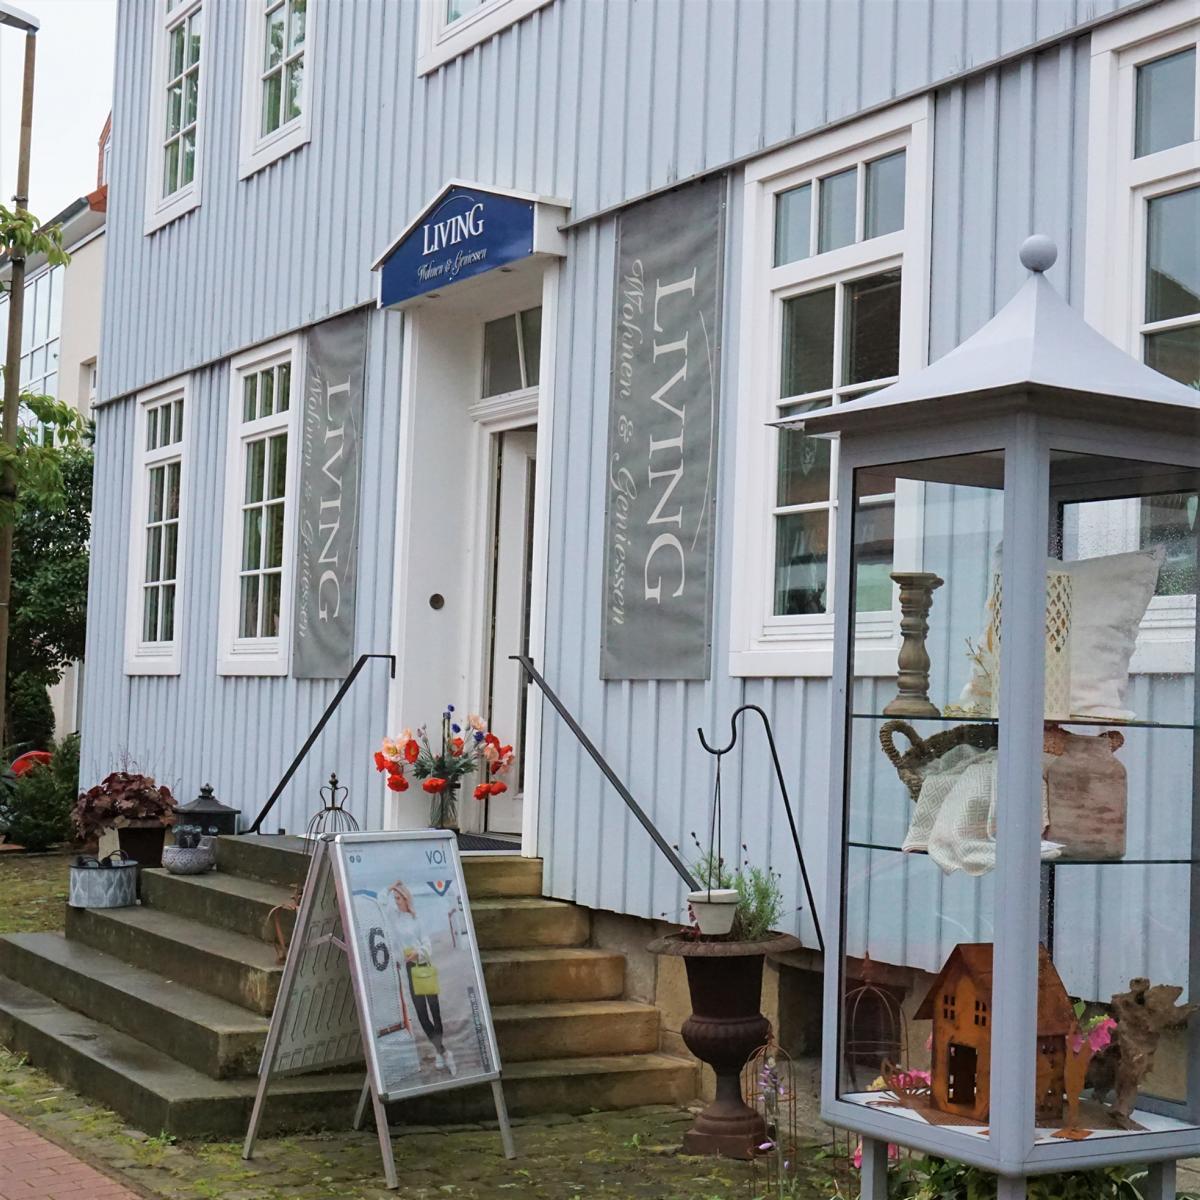 Style Hannover Living Wennigsen 2 - Dein Kiez